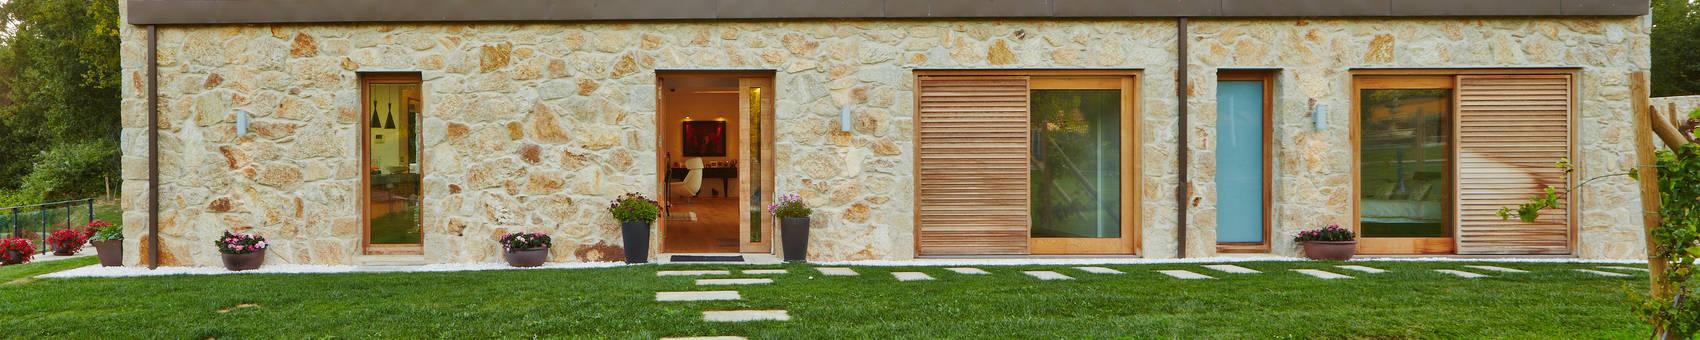 Vivienda Unifamiliar en Tomiño, Pontevedra (Spain): Casas de estilo  de HUGA ARQUITECTOS,